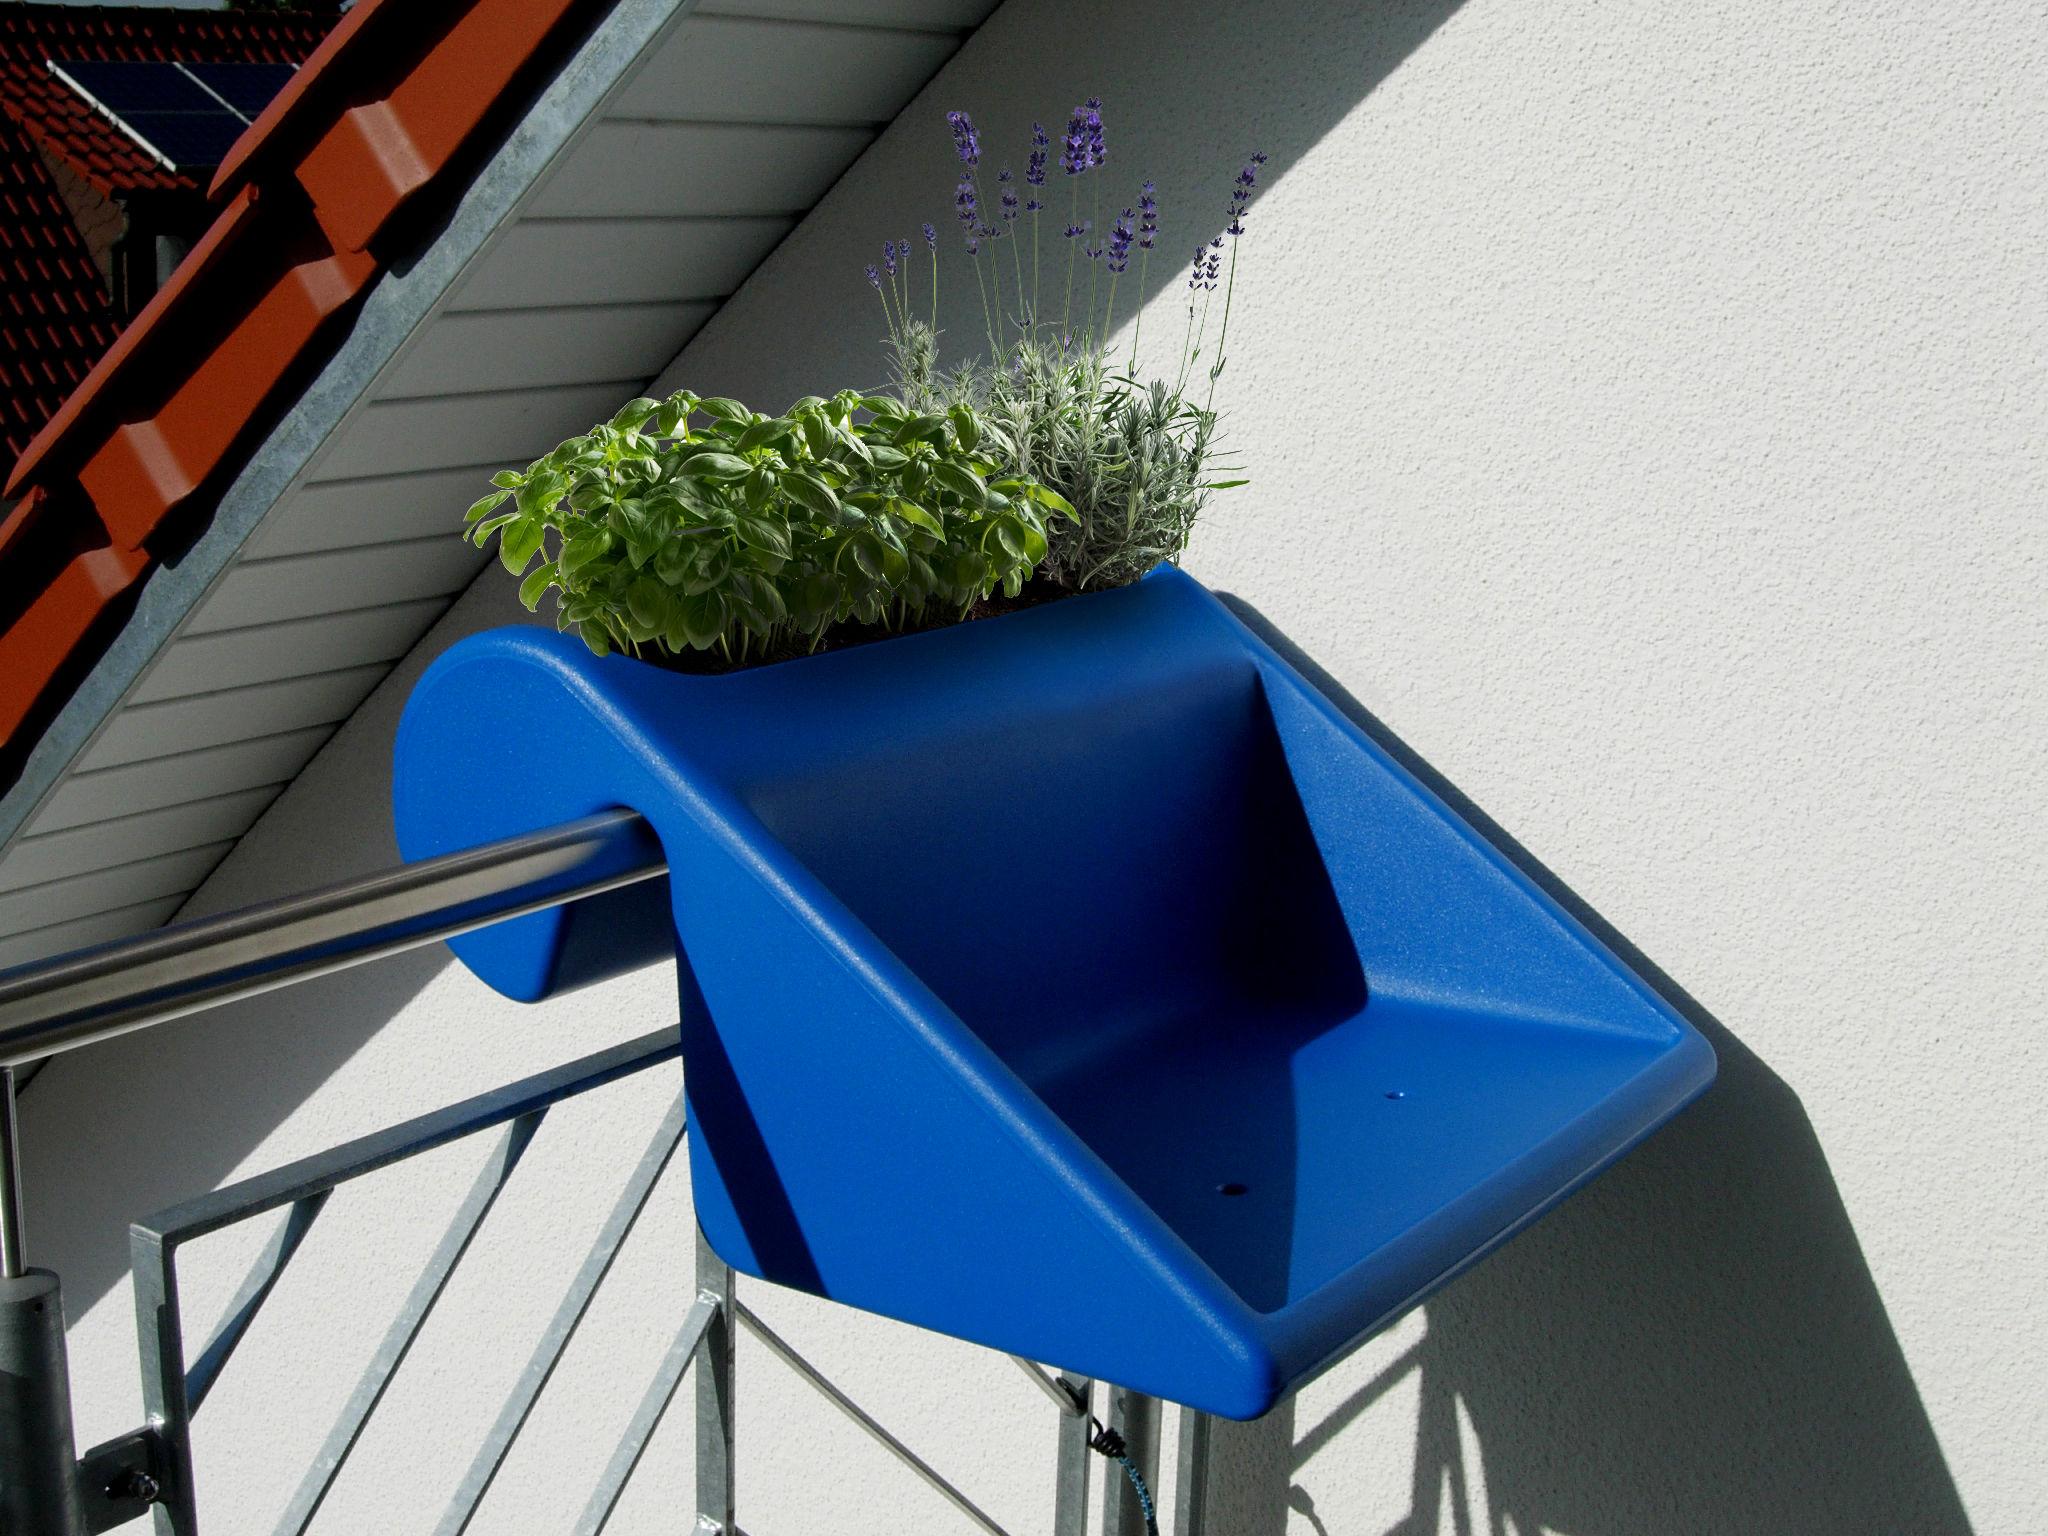 balkonzept beistelltisch zum aufh ngen f r den balkon mit integriertem blumenkasten blau. Black Bedroom Furniture Sets. Home Design Ideas